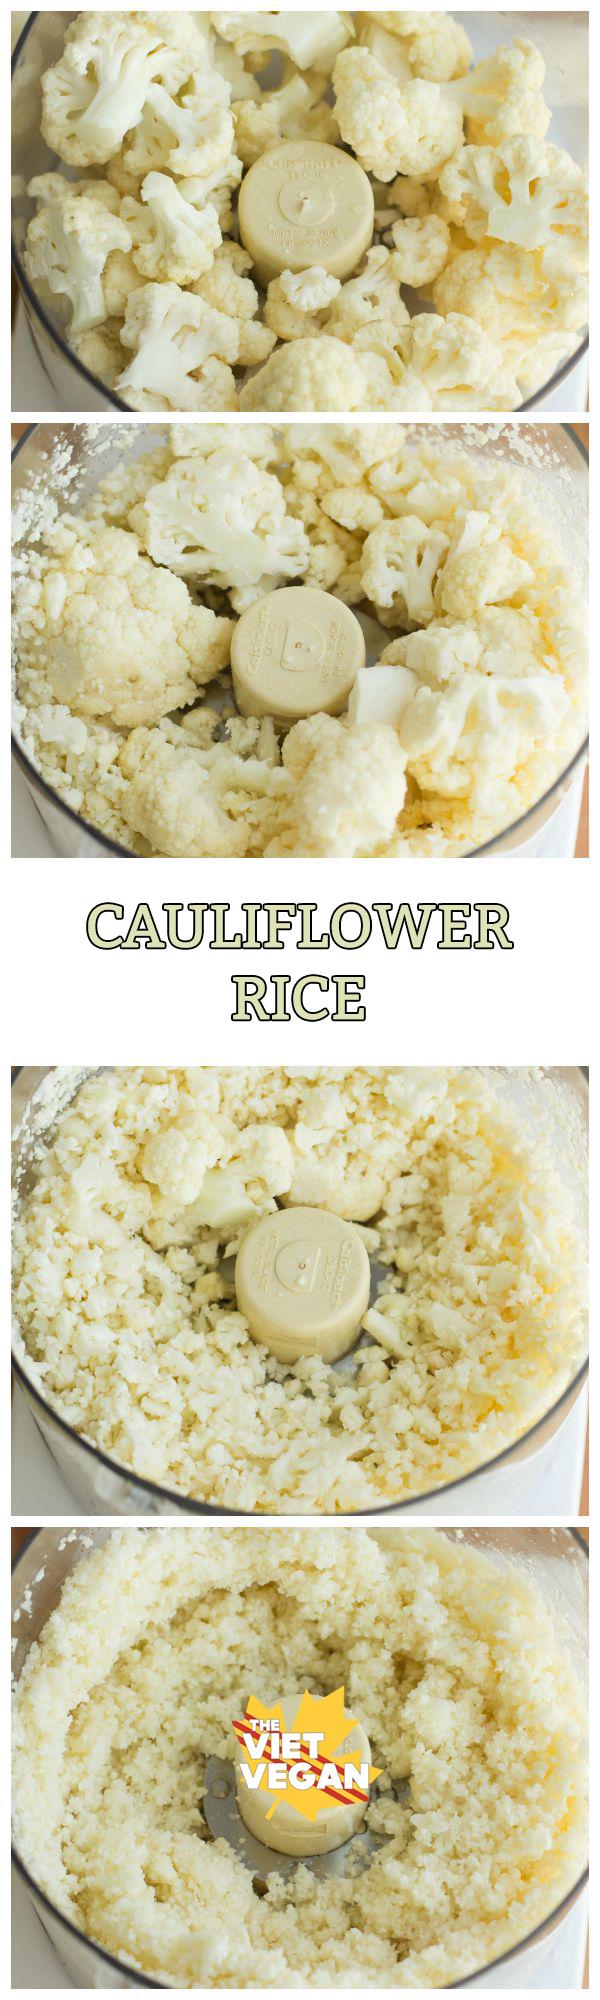 Cauliflower Rice | The Viet Vegan